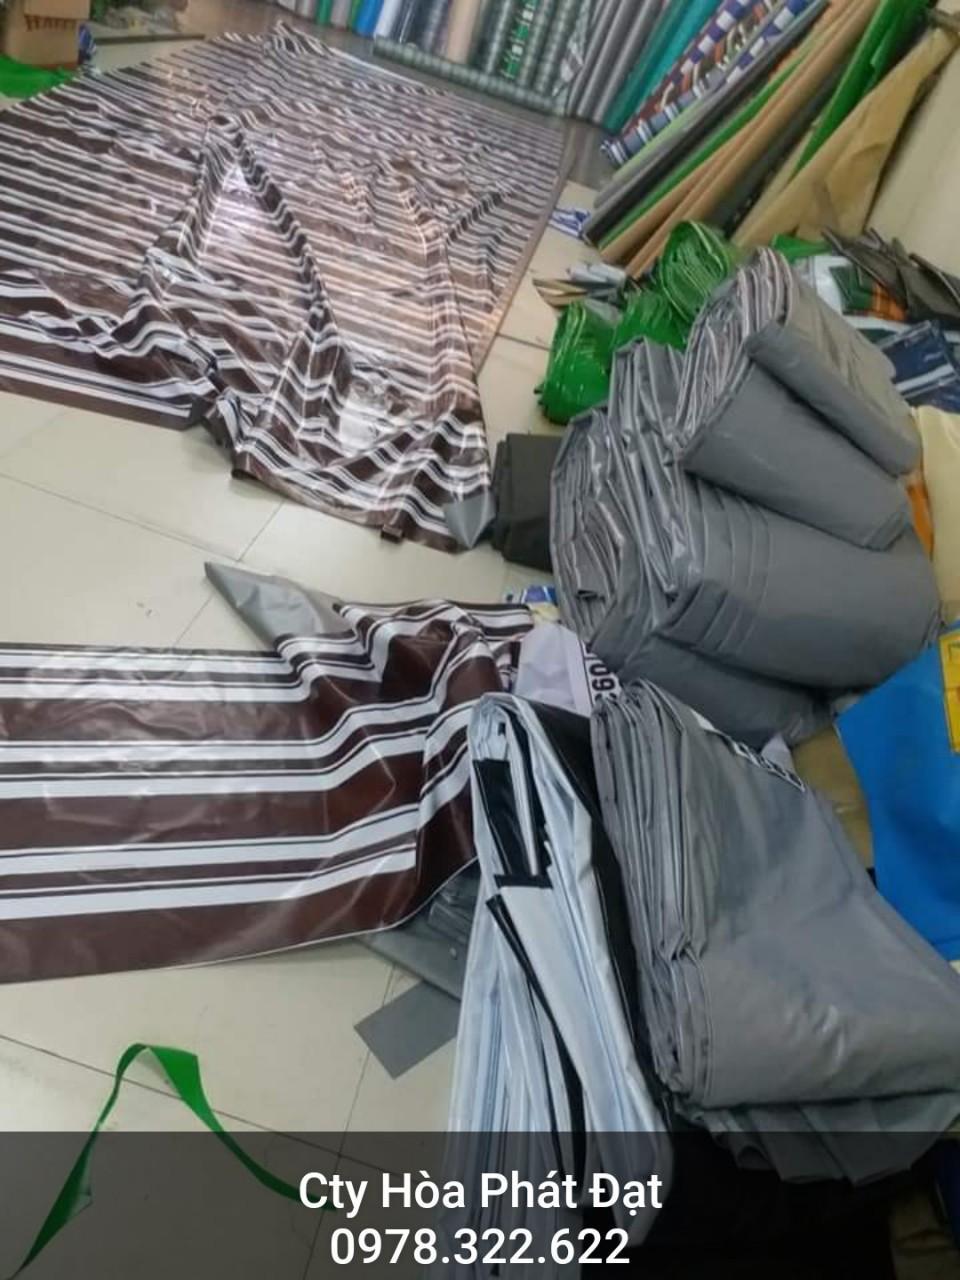 Chuyên cung cấp nhận in may ép vải bạt mái hiên mái xếp theo yêu cầu, gia công thay bạt mái che tại đồng tháp